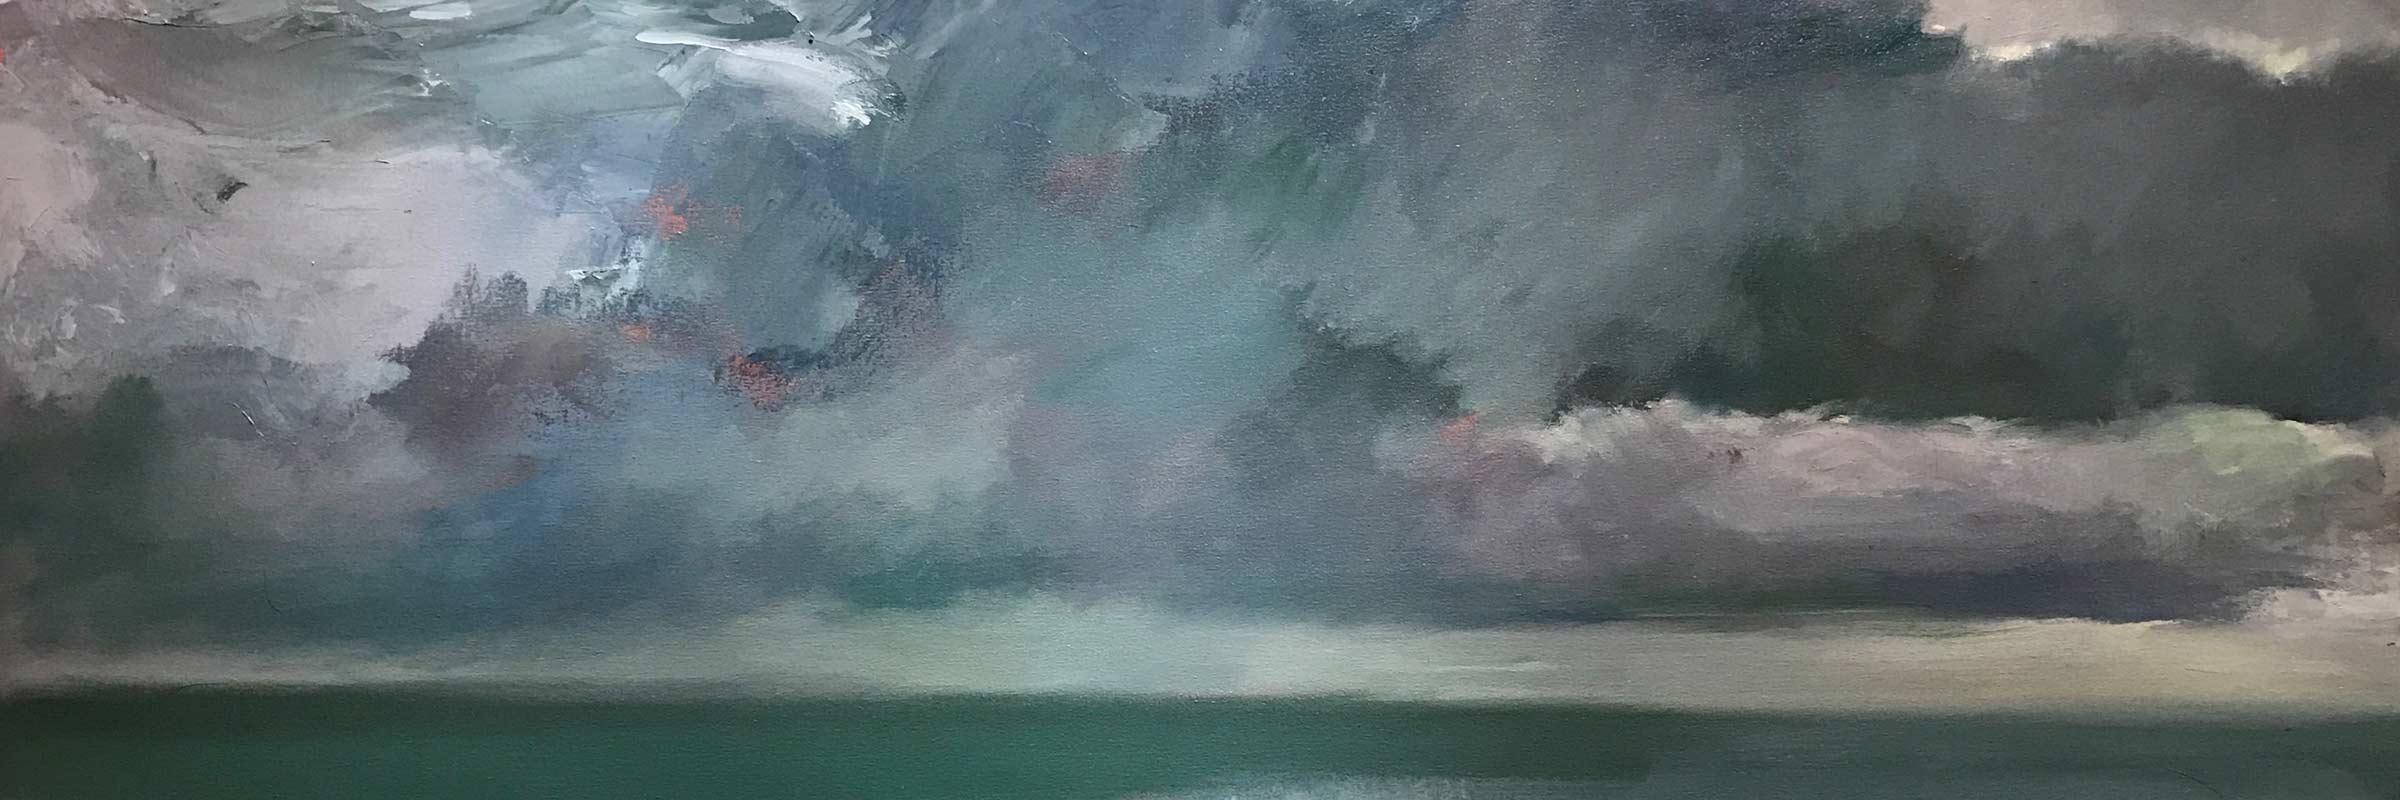 ocean-storm-s